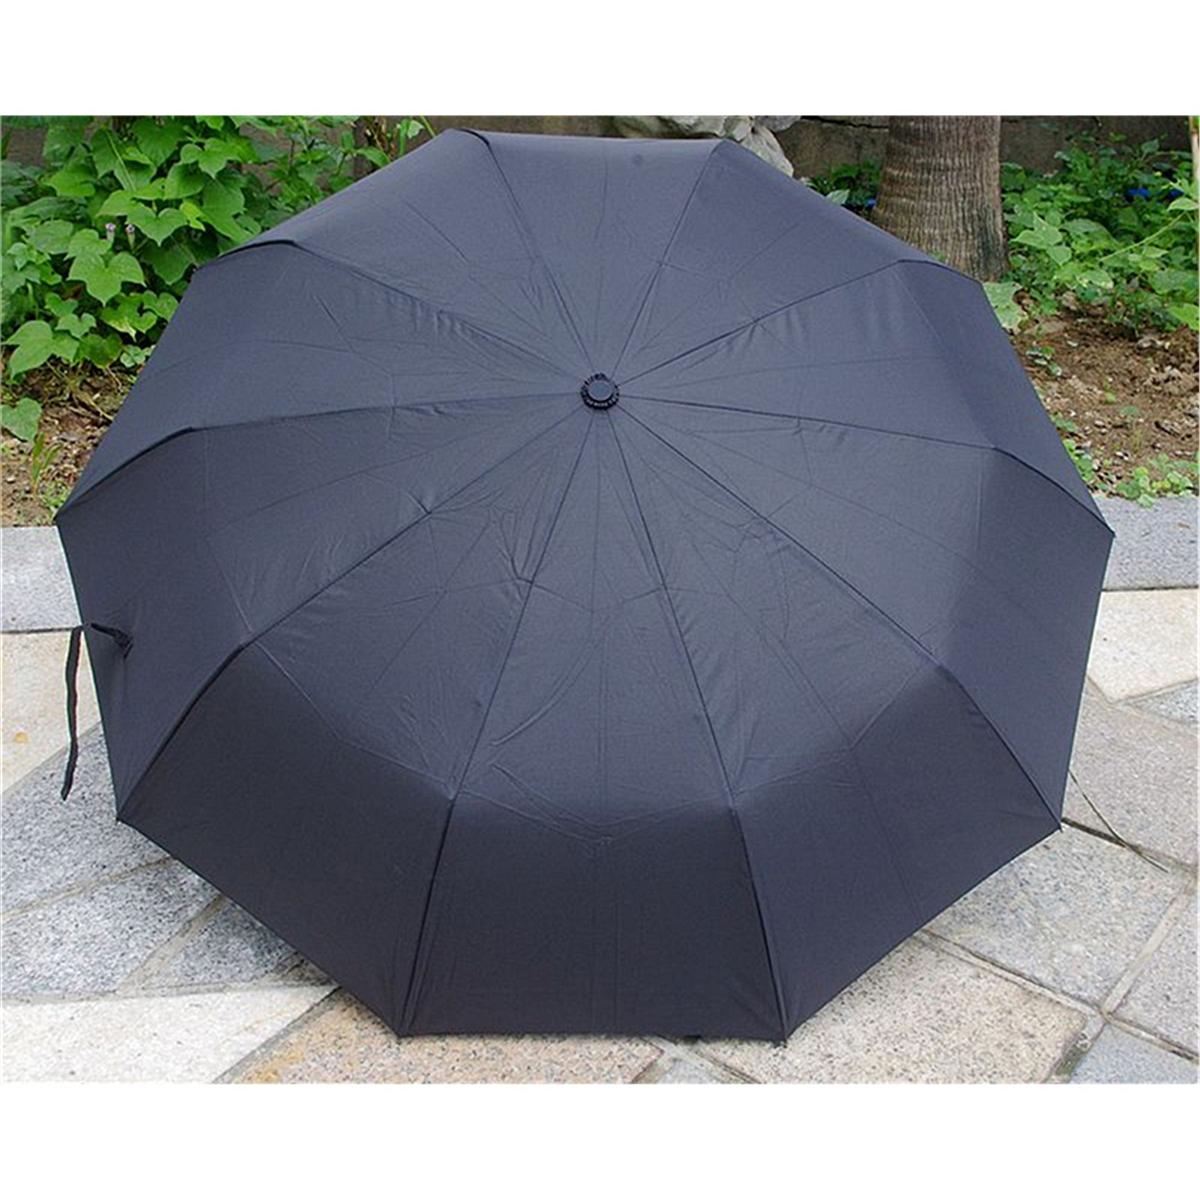 国产三折定制折叠伞(把)